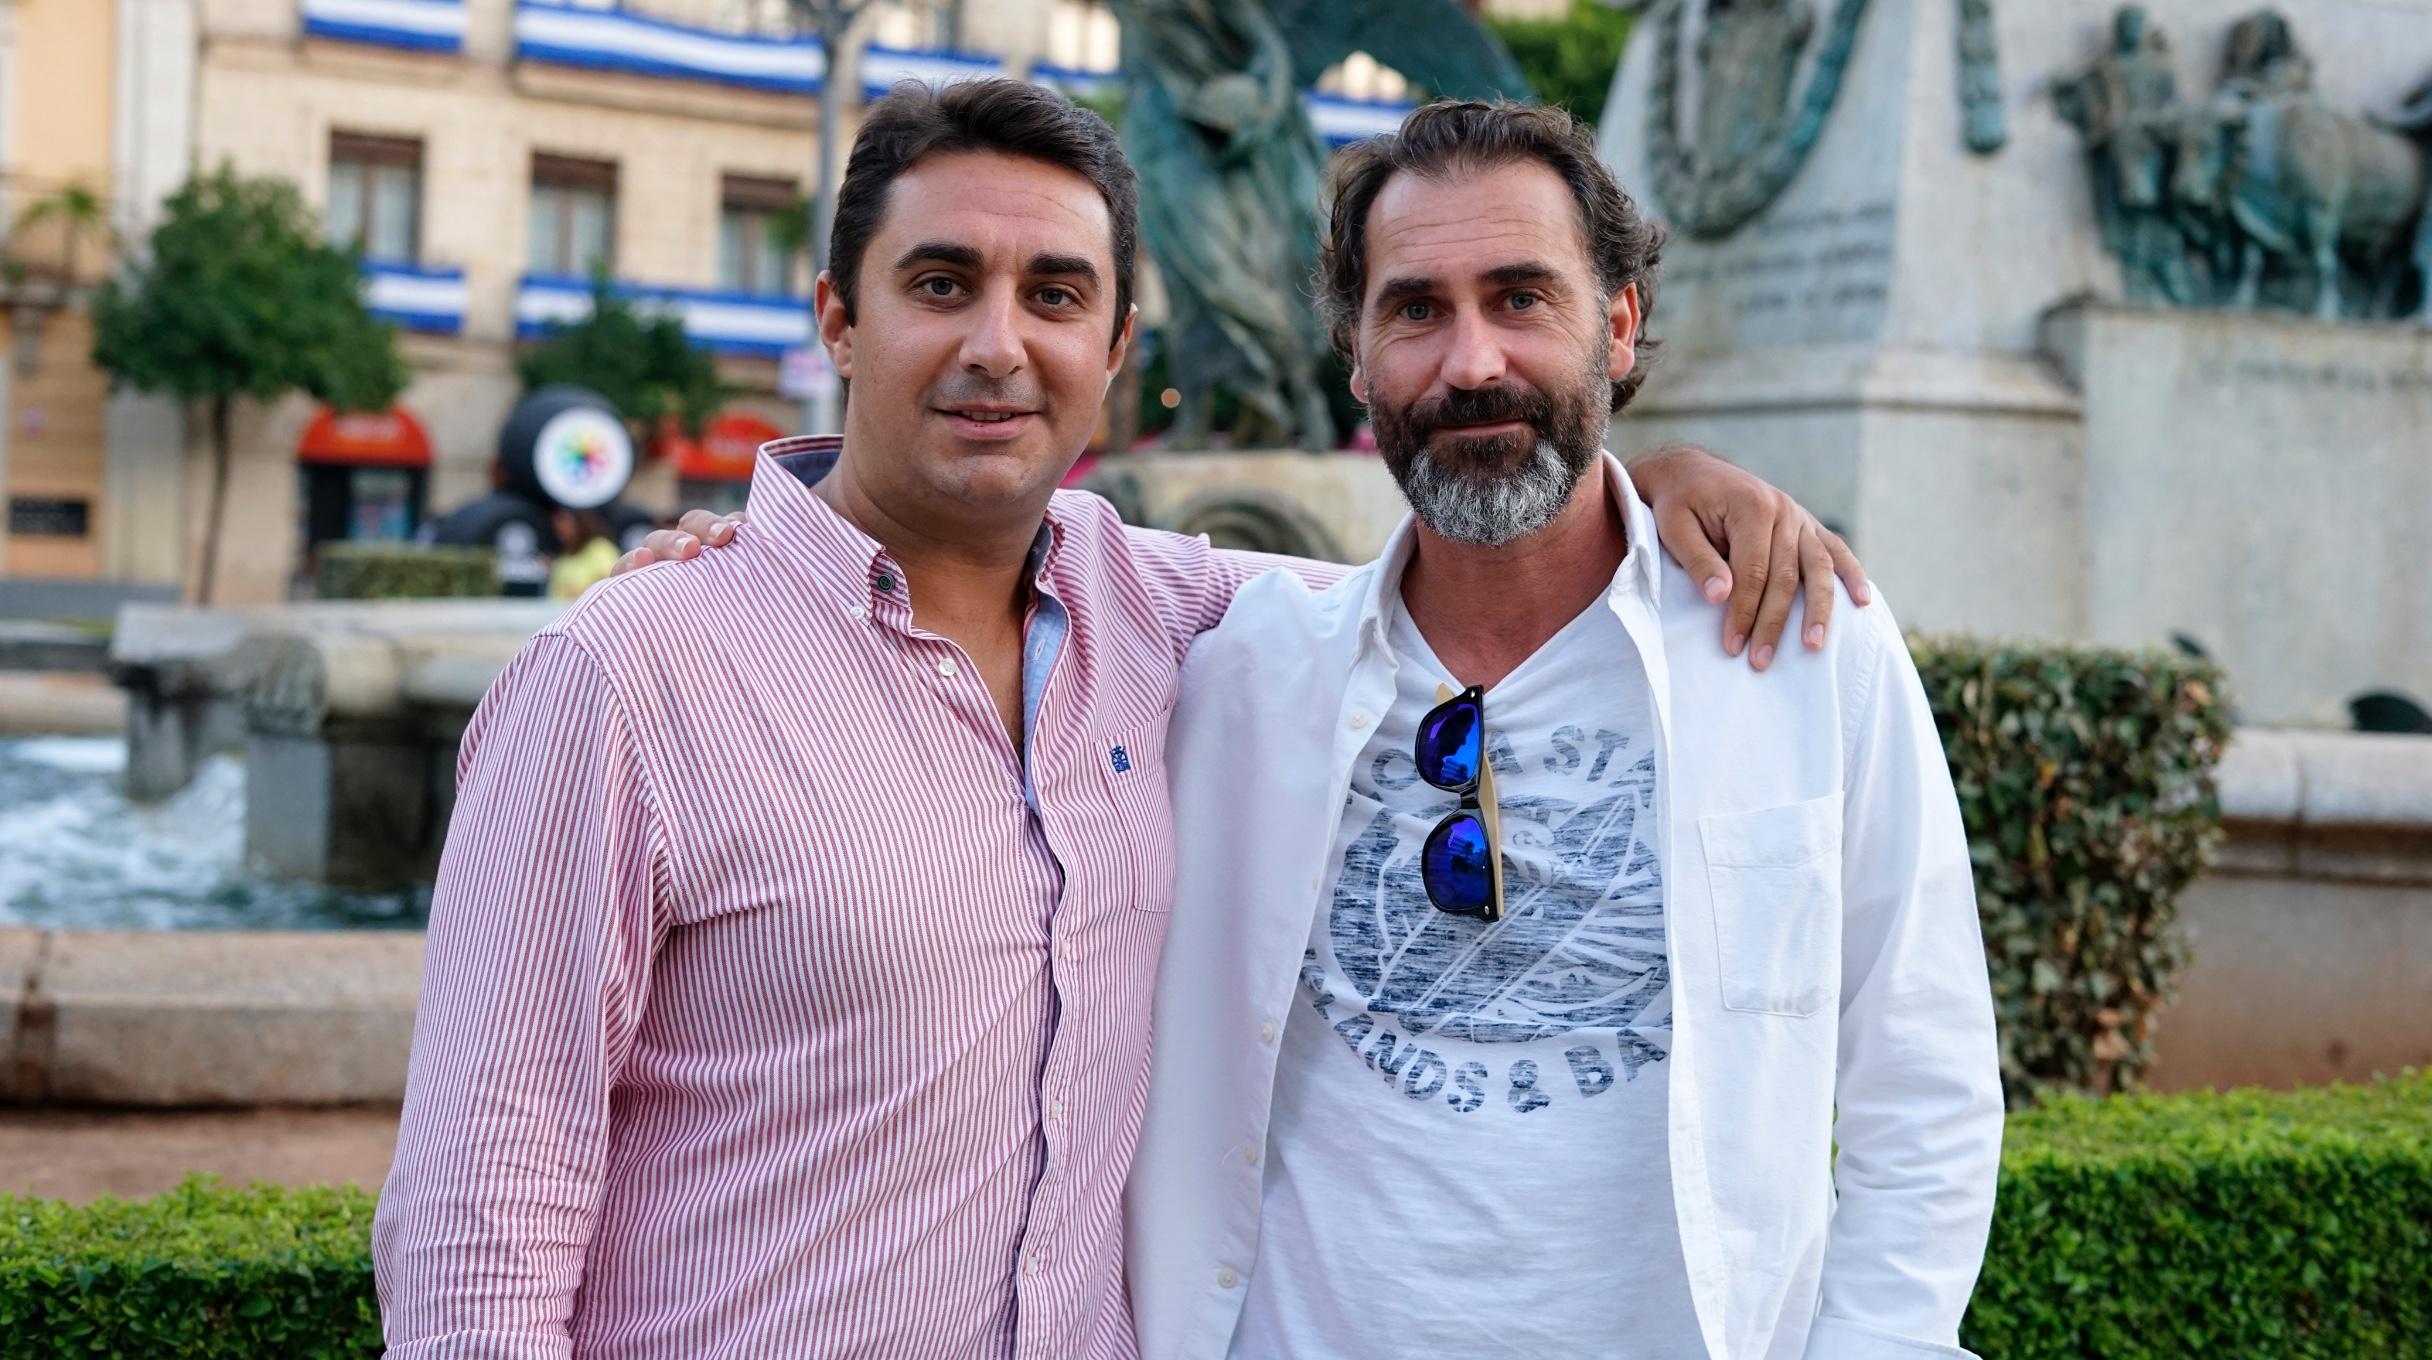 Manuel de la Fragua y José Carlos Pozo llegan este sábado a la Tertulia Flamenca de Ceuta con el flamenco de Jerez por bandera